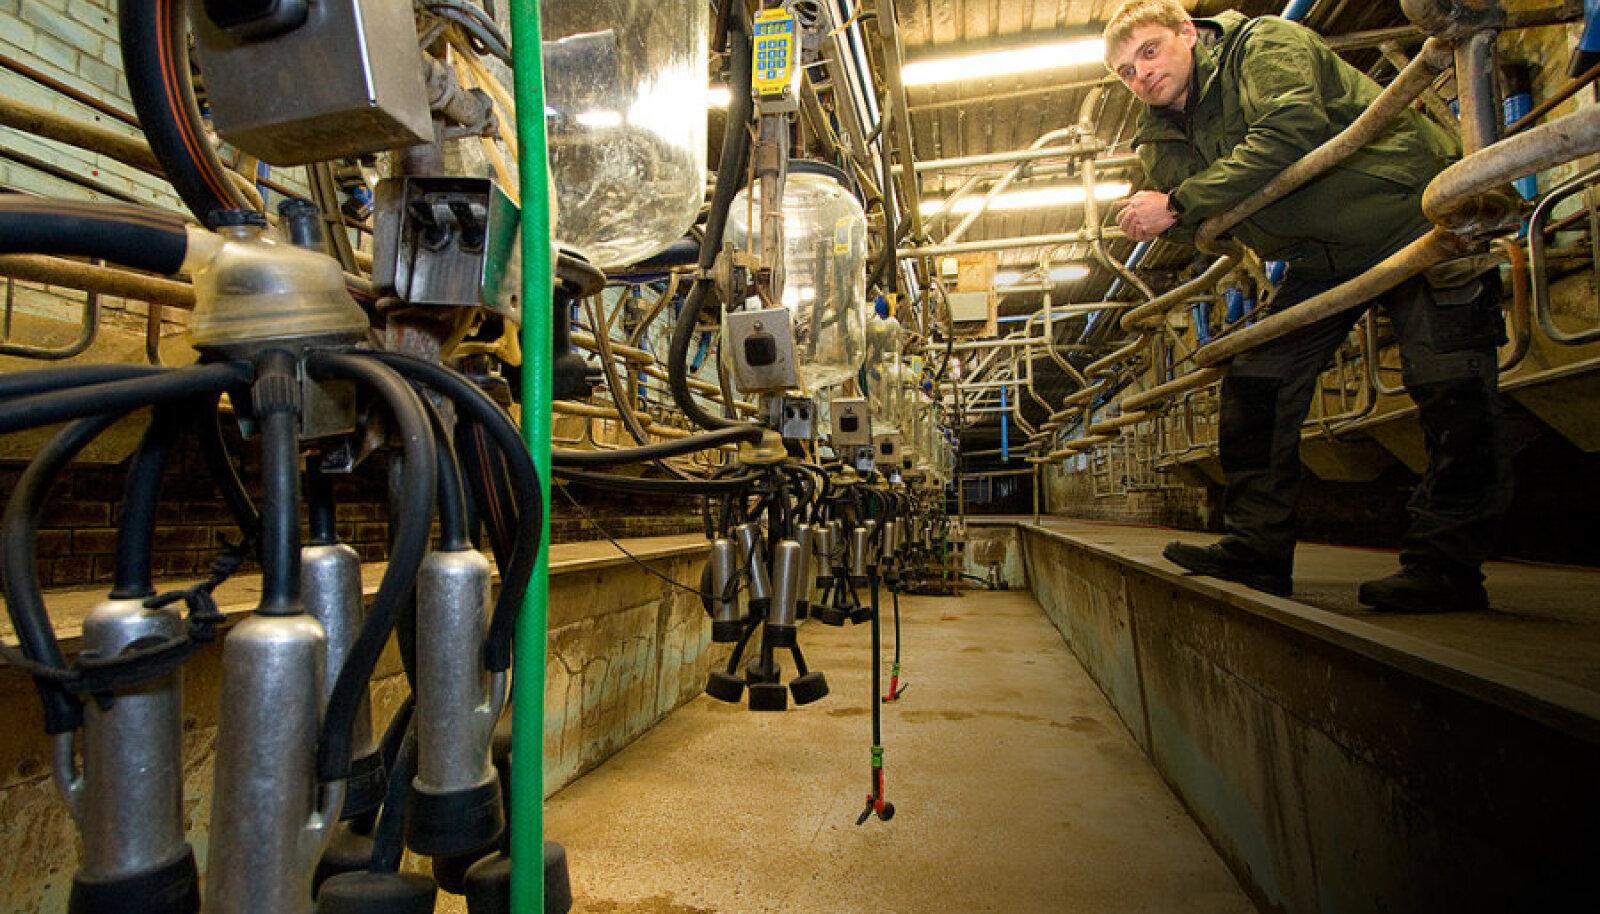 OÜ Abaja Farm  juhataja Kalle Adler lõpetas piimatoot- mise, kuna vana lauda ja lüpsi- süsteemi asendamine kaasaegsega on  praeguse piima- hinna tõttu võimatu.